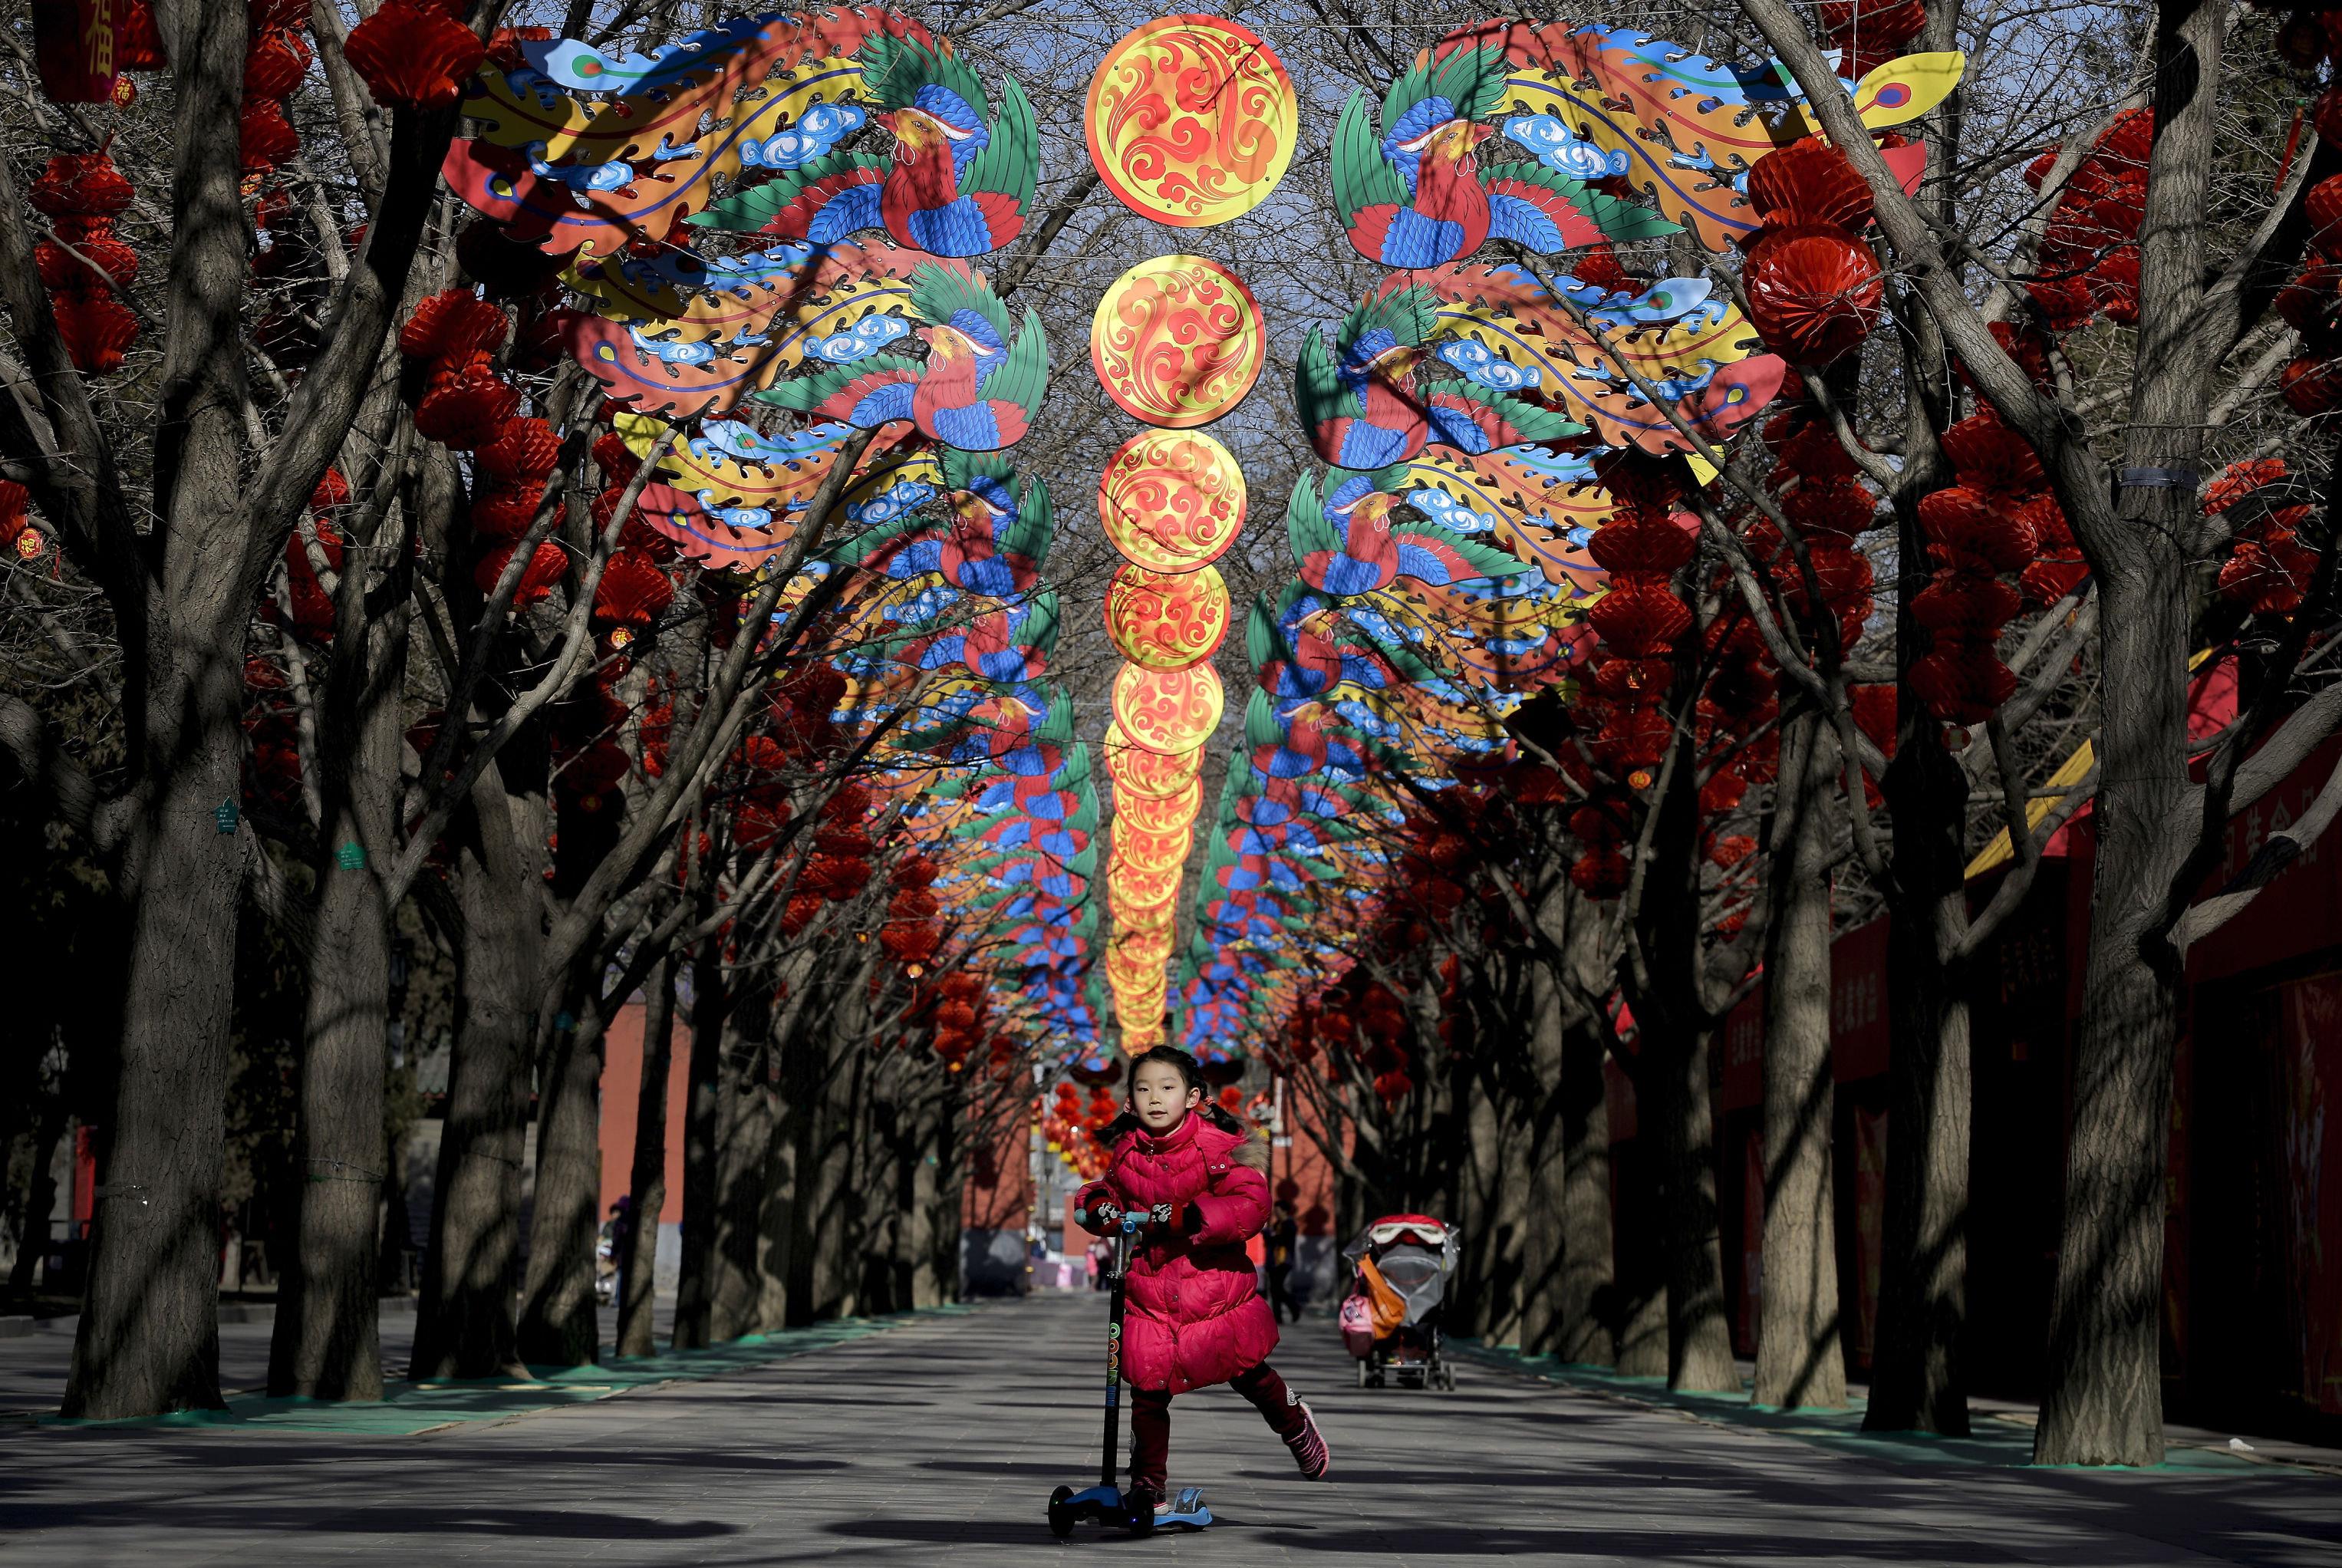 Une fille dans un parc de Pékin orné à l'occasion du Nouvel An